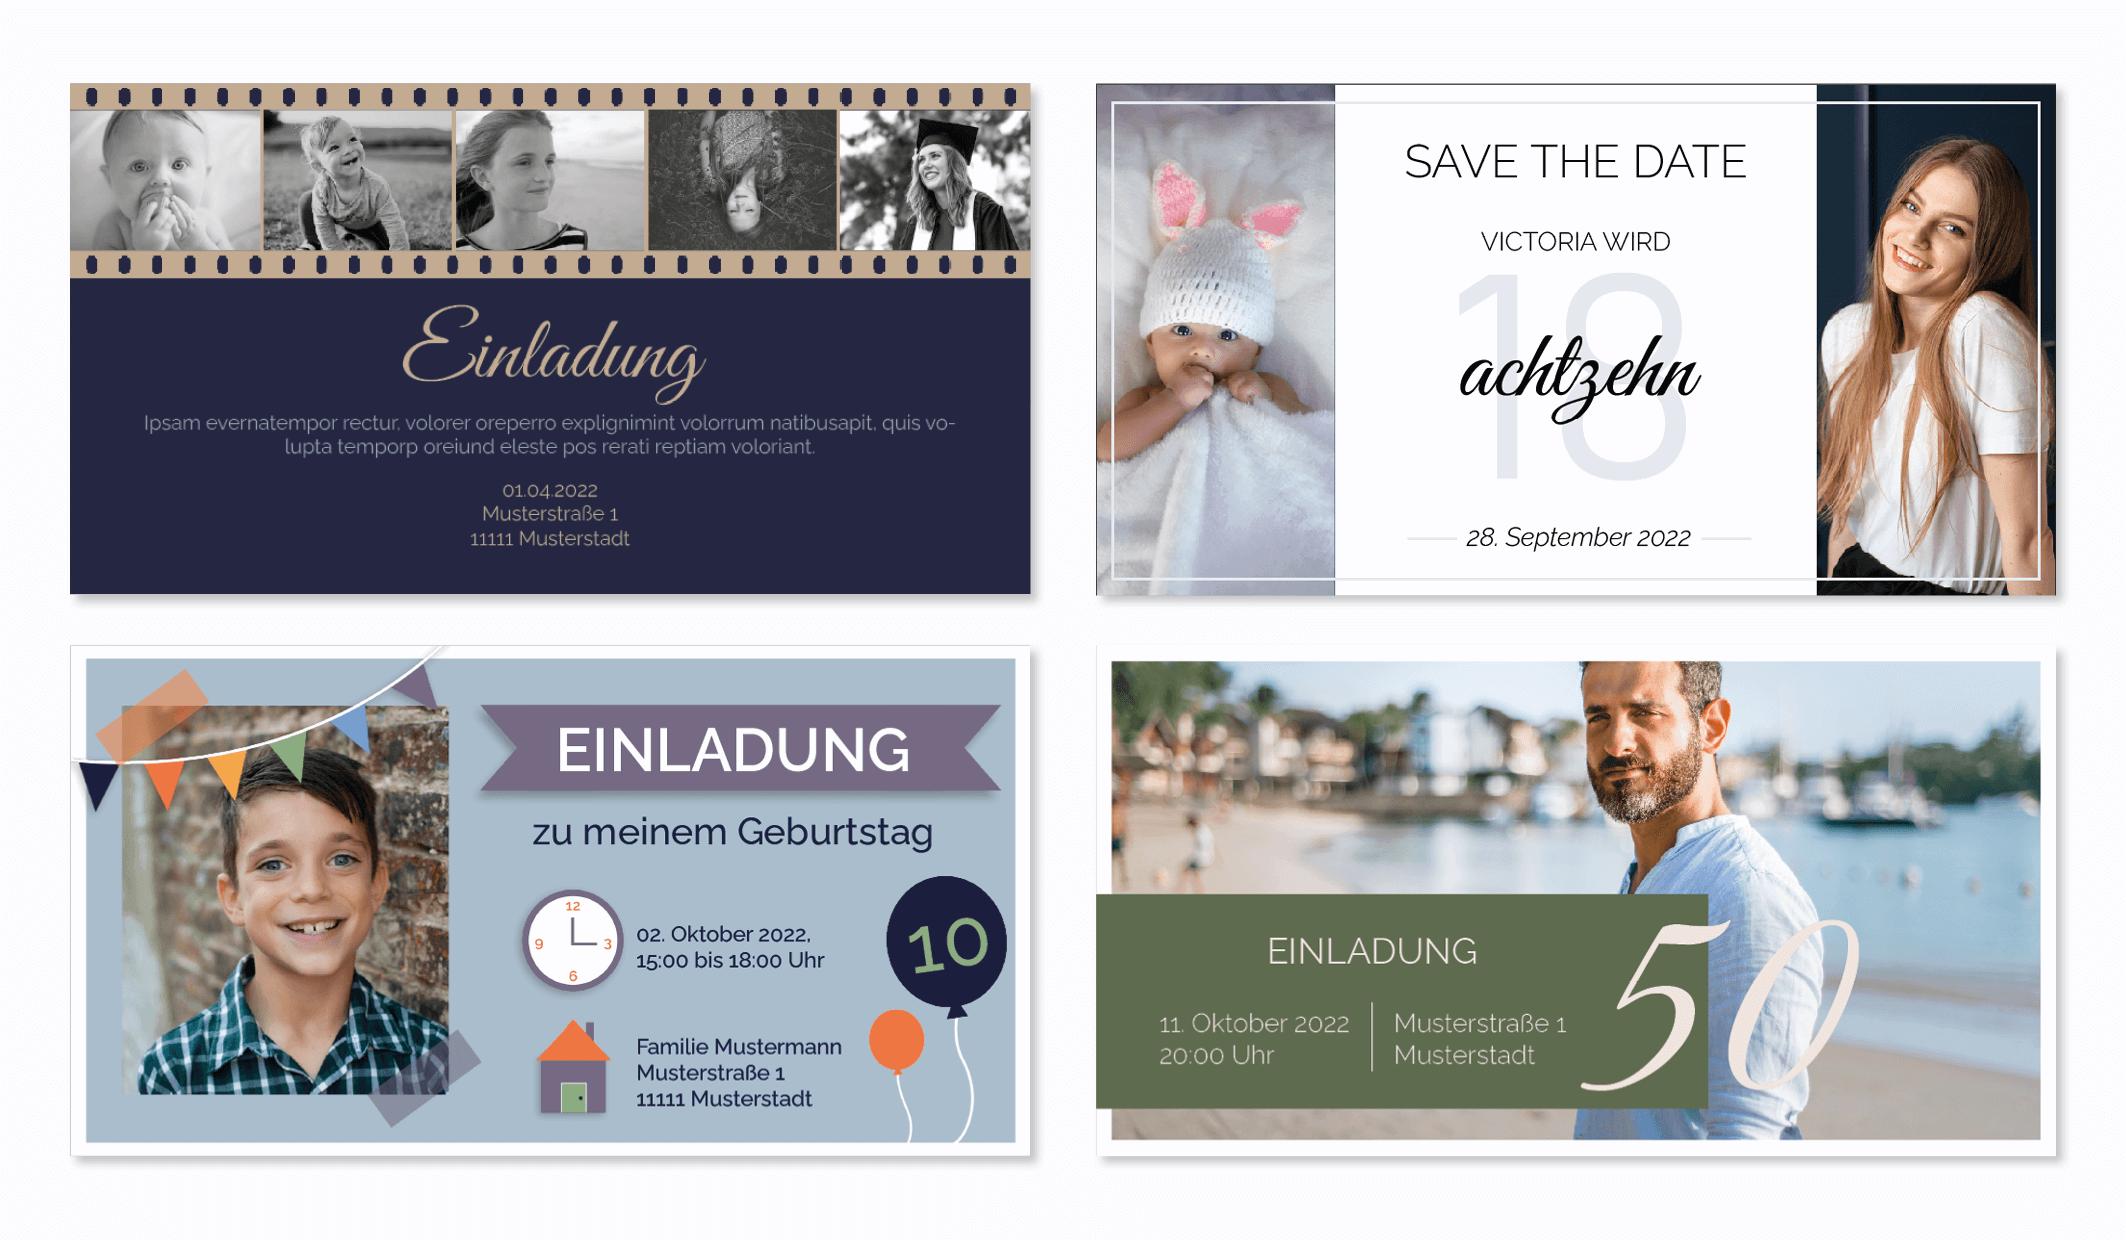 Geburtstagskarte mit Vorlage online gestalten und drucken